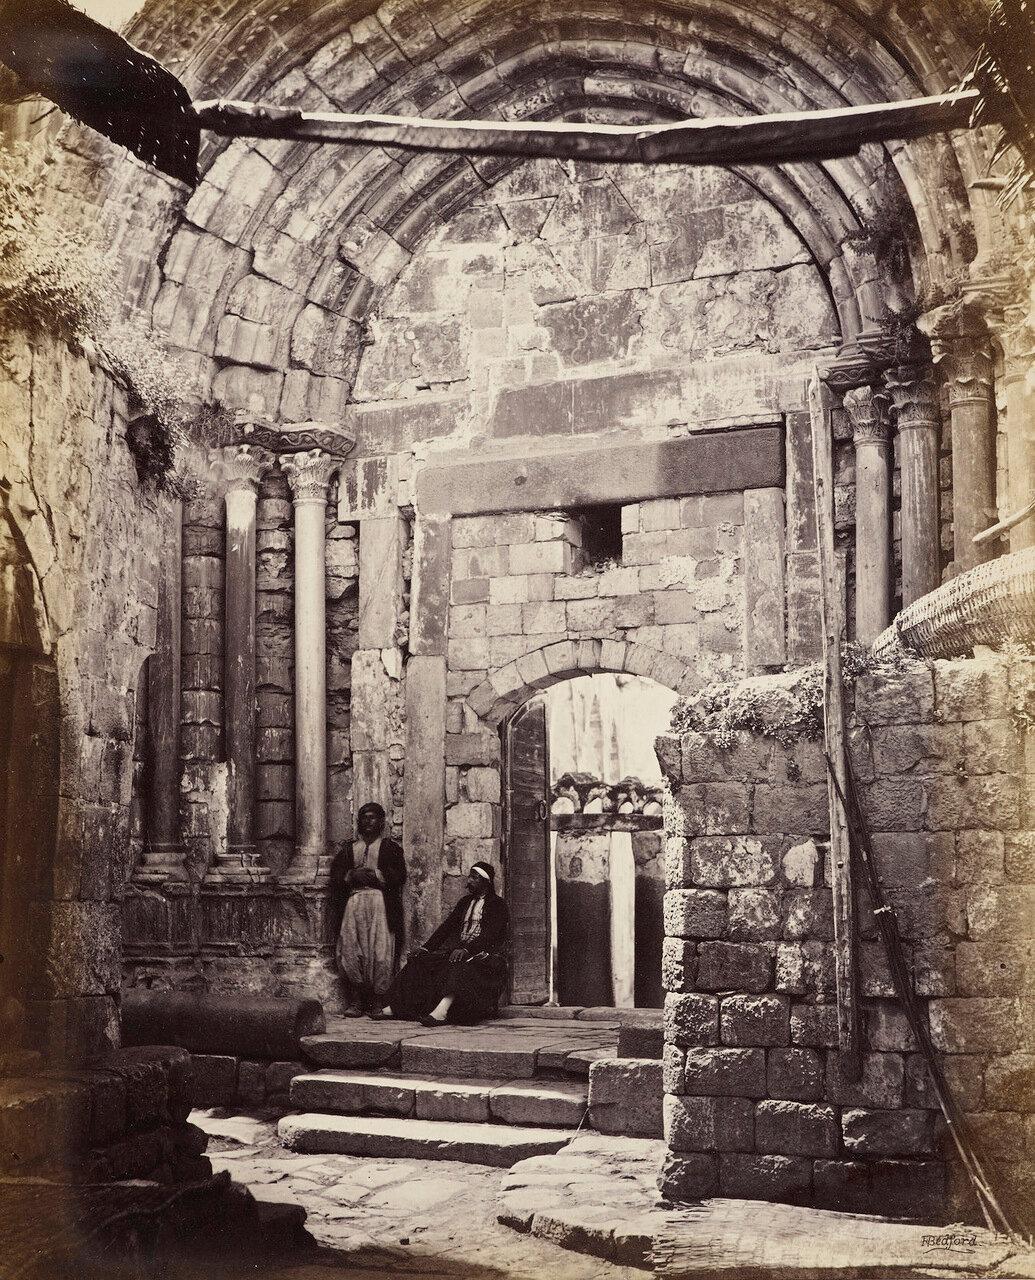 16 апреля 1862. Сарацинские ворота Наблуса